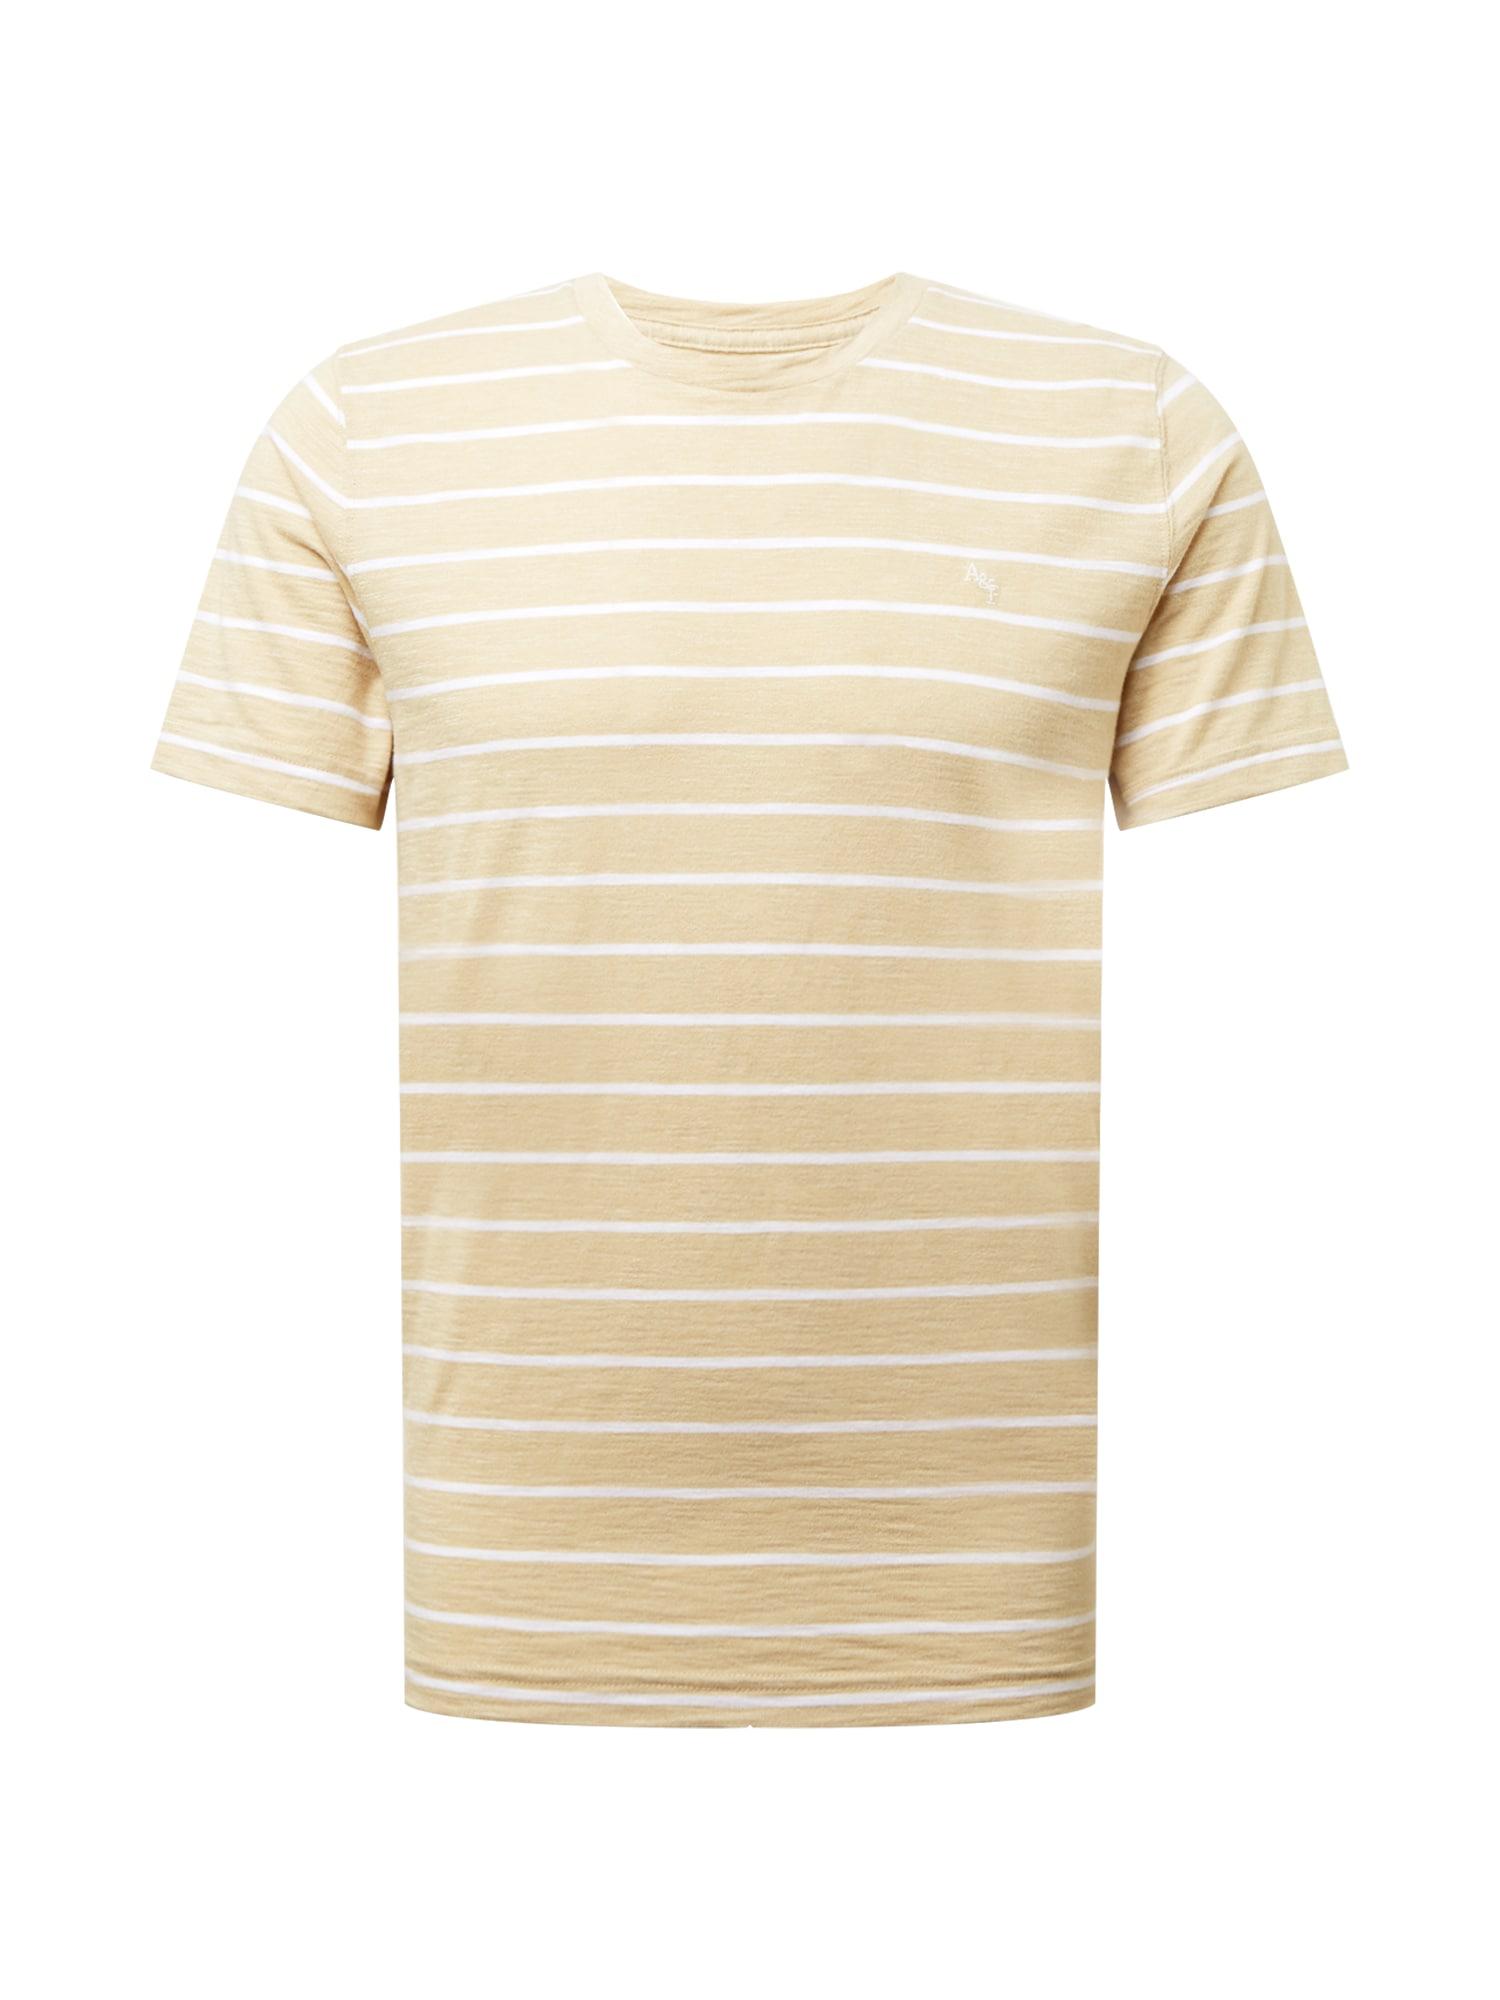 Abercrombie & Fitch Marškinėliai gelsvai pilka spalva / smėlio / balta